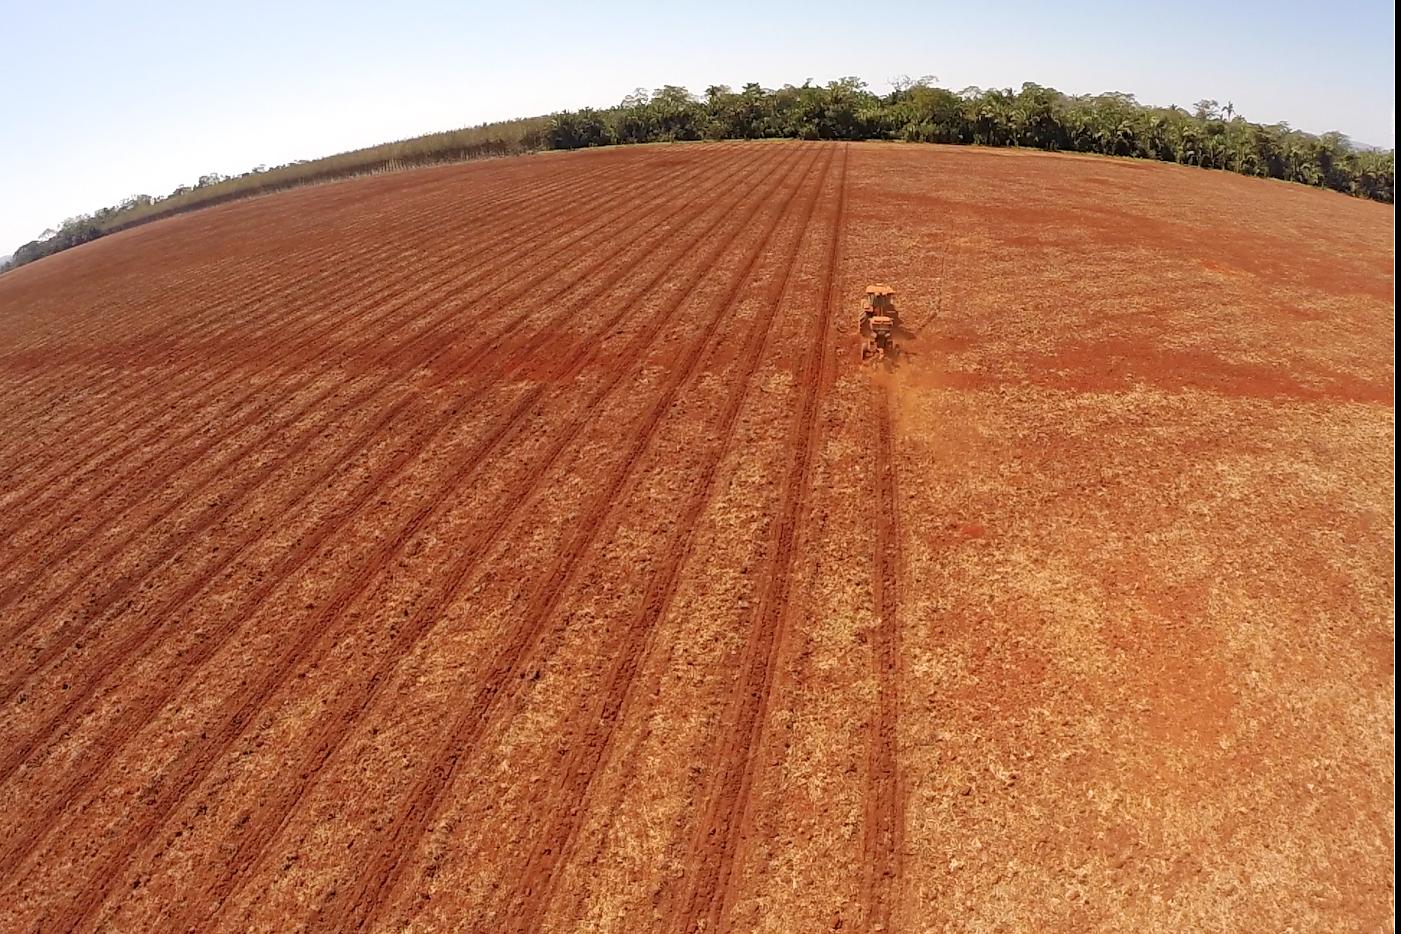 Subsoiling before planting / Subsolagem antes do plantio